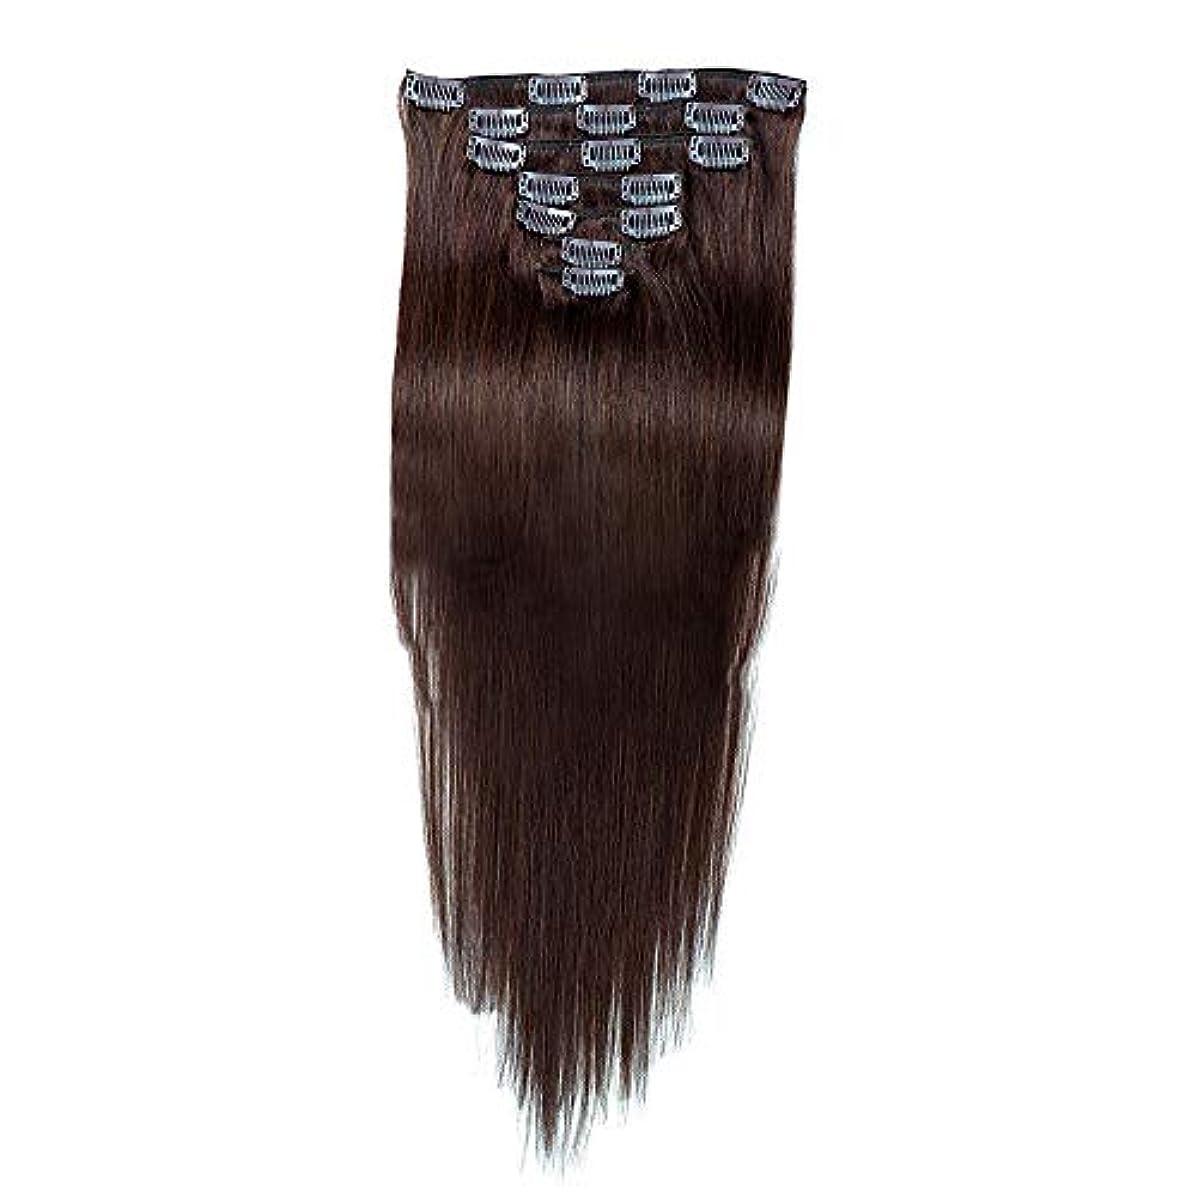 写真化合物交じる人間の髪の毛のエクステンションクリップレミーフルヘッドダブル横糸ストレートヘアピース。 (7個、#2ダークブラウン、20インチ、70g) モデリングツール (色 : #2 Dark Brown)